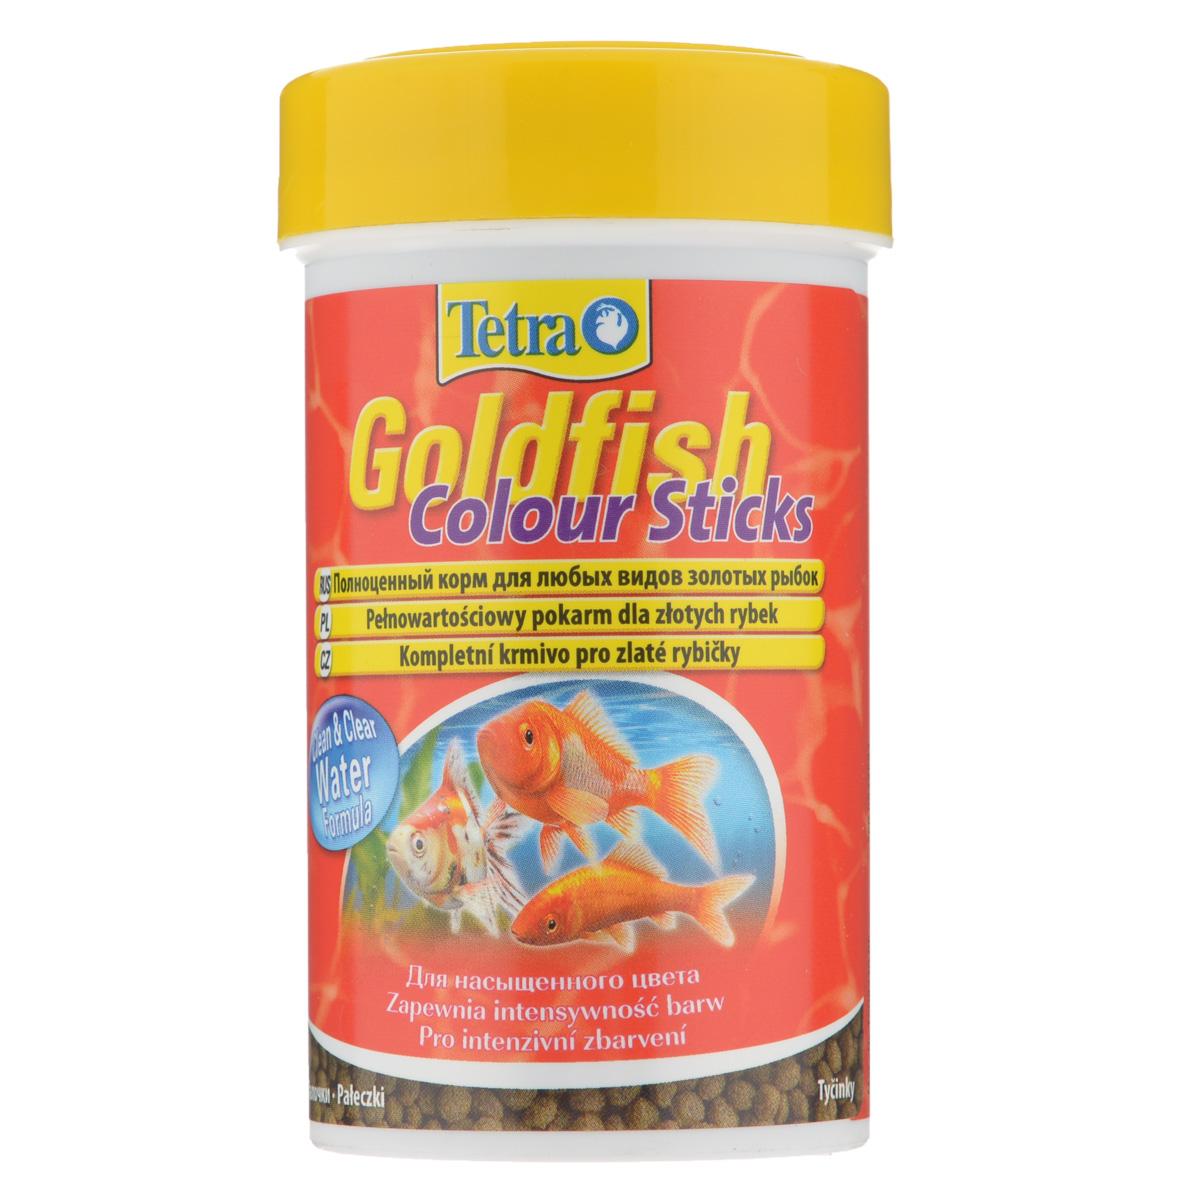 Корм сухой Tetra Goldfish Colour Sticks для любых видов золотых рыбок, в виде палочек, 100 мл140097Корм Tetra Goldfish Colour Sticks - это высококачественный сбалансированный питательный корм для любых видов золотых рыбок. Превосходное качество корма - гарантия лучшего для ваших золотых рыбок. Особенности Tetra Goldfish Colour Sticks: усилители цвета обеспечивают яркую и интенсивную окраску, формула Clean & Clean Water и запатентованная формула BioActive - для поддержания здоровья и продолжительности жизни. Рекомендации по кормлению: кормить несколько раз в день маленькими порциями. Характеристики: Состав: рыба и побочные рыбные продукты, экстракты растительного белка, зерновые культуры, растительные продукты, овощи, дрожжи, моллюски и раки, масла и жиры, водоросли (спирулина максима 6,0%), минеральные вещества. Пищевая ценность: сырой белок - 30%, сырые масла и жиры - 6%, сырая клетчатка - 2,0%, влага - 8%. Добавки: витамины, провитамины и химические вещества с аналогичным воздействием:...